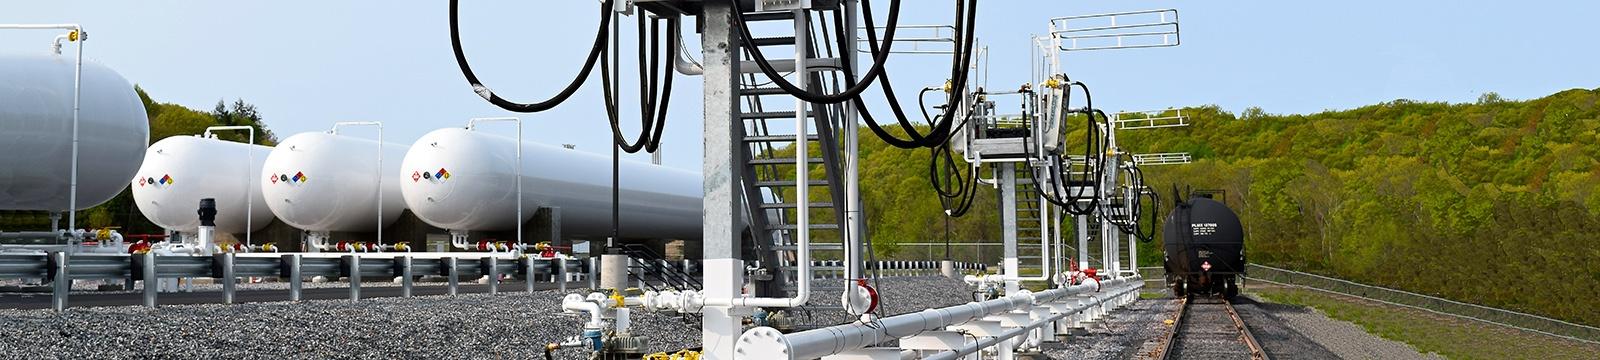 NGL LPG Propane Transloading Solutions___.jpg